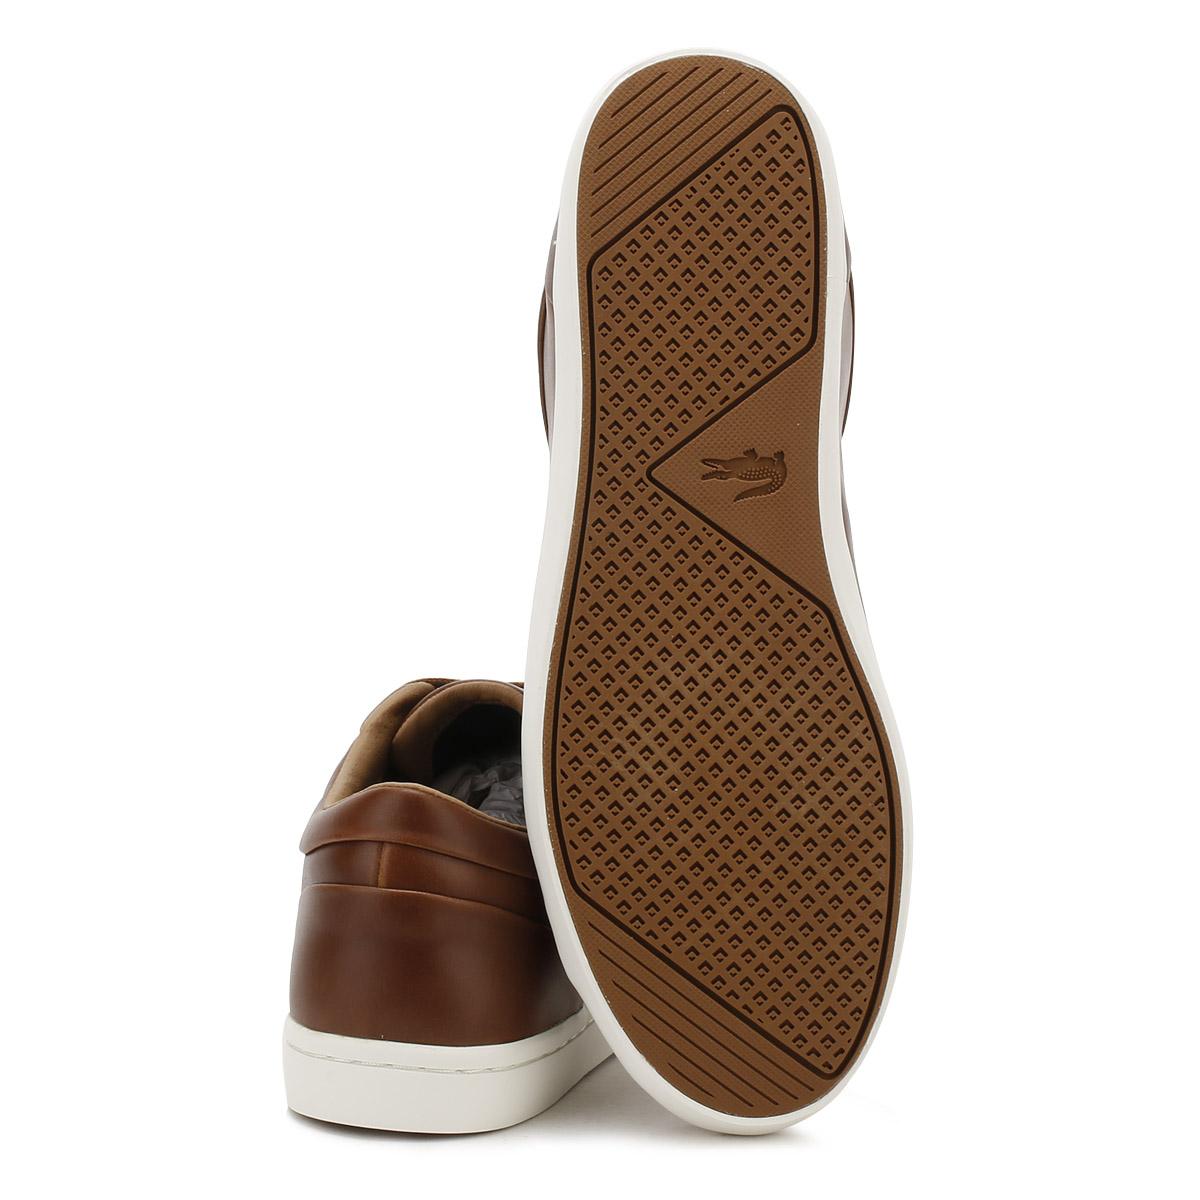 9d06042fad9 Lacoste-para-Hombre-Marron-straightset-317-Zapatillas-Zapatos-